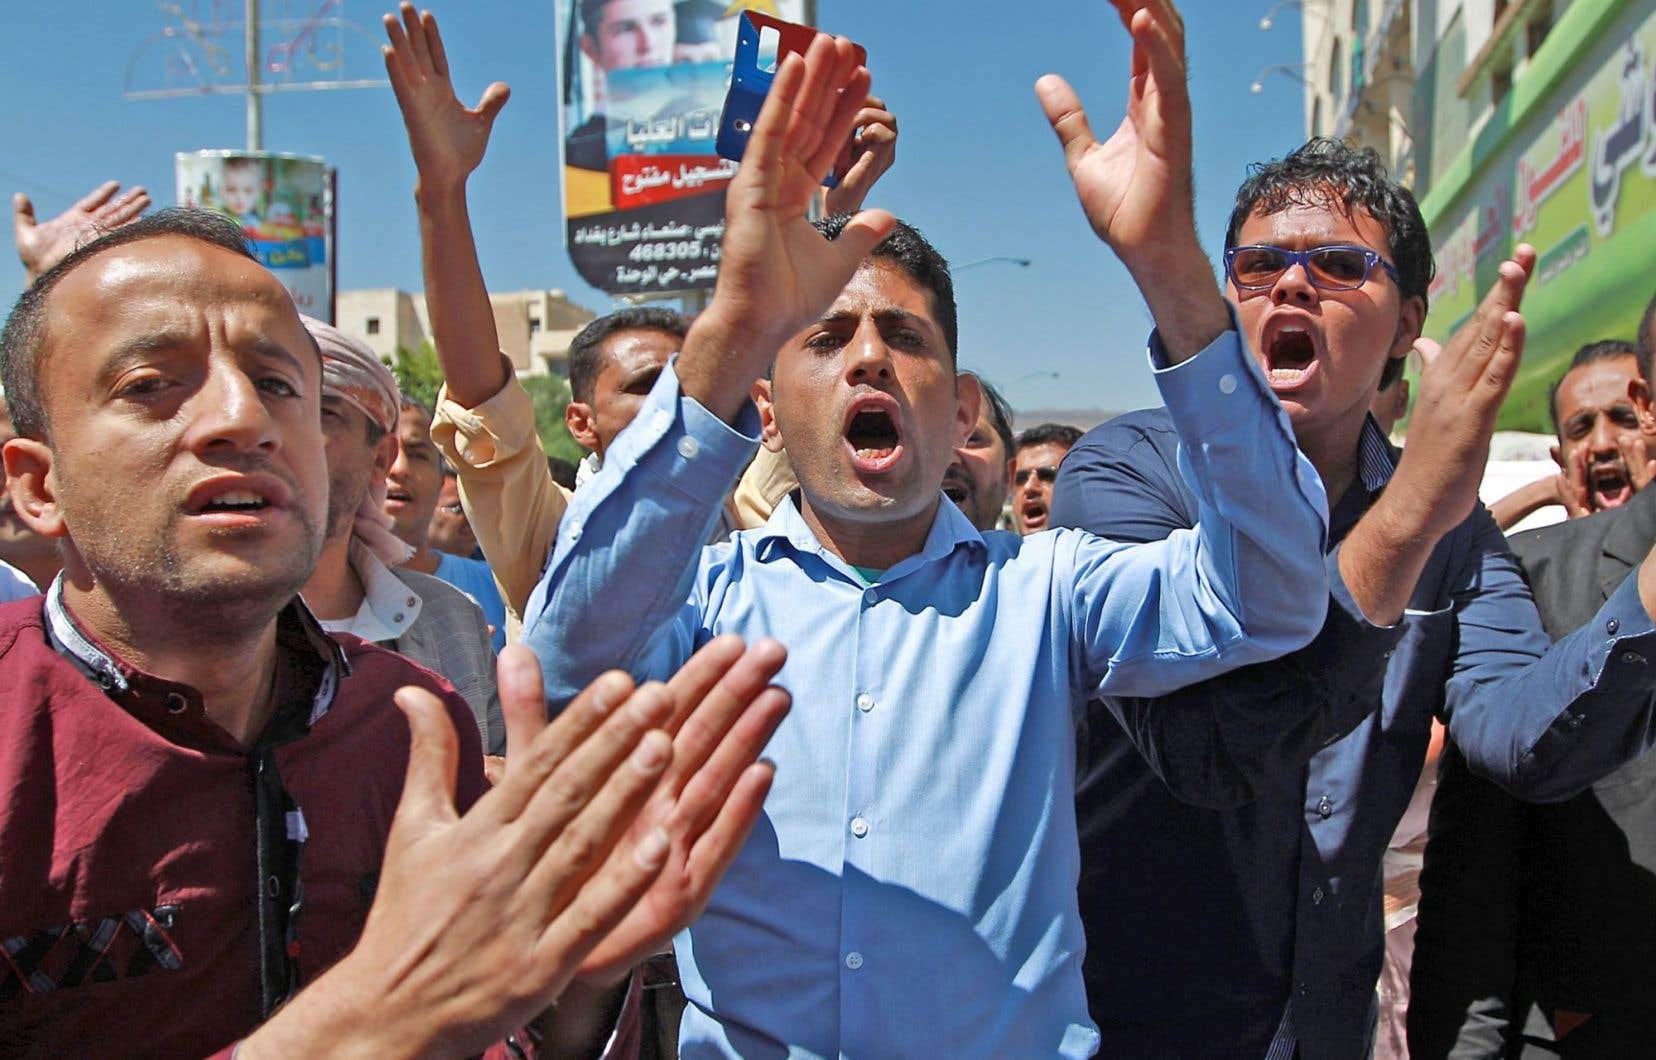 Des centaines de Yéménites se sont rassemblés dimanche à Sanaa, scandant des slogans anti-Houthis et demandant leur départ.